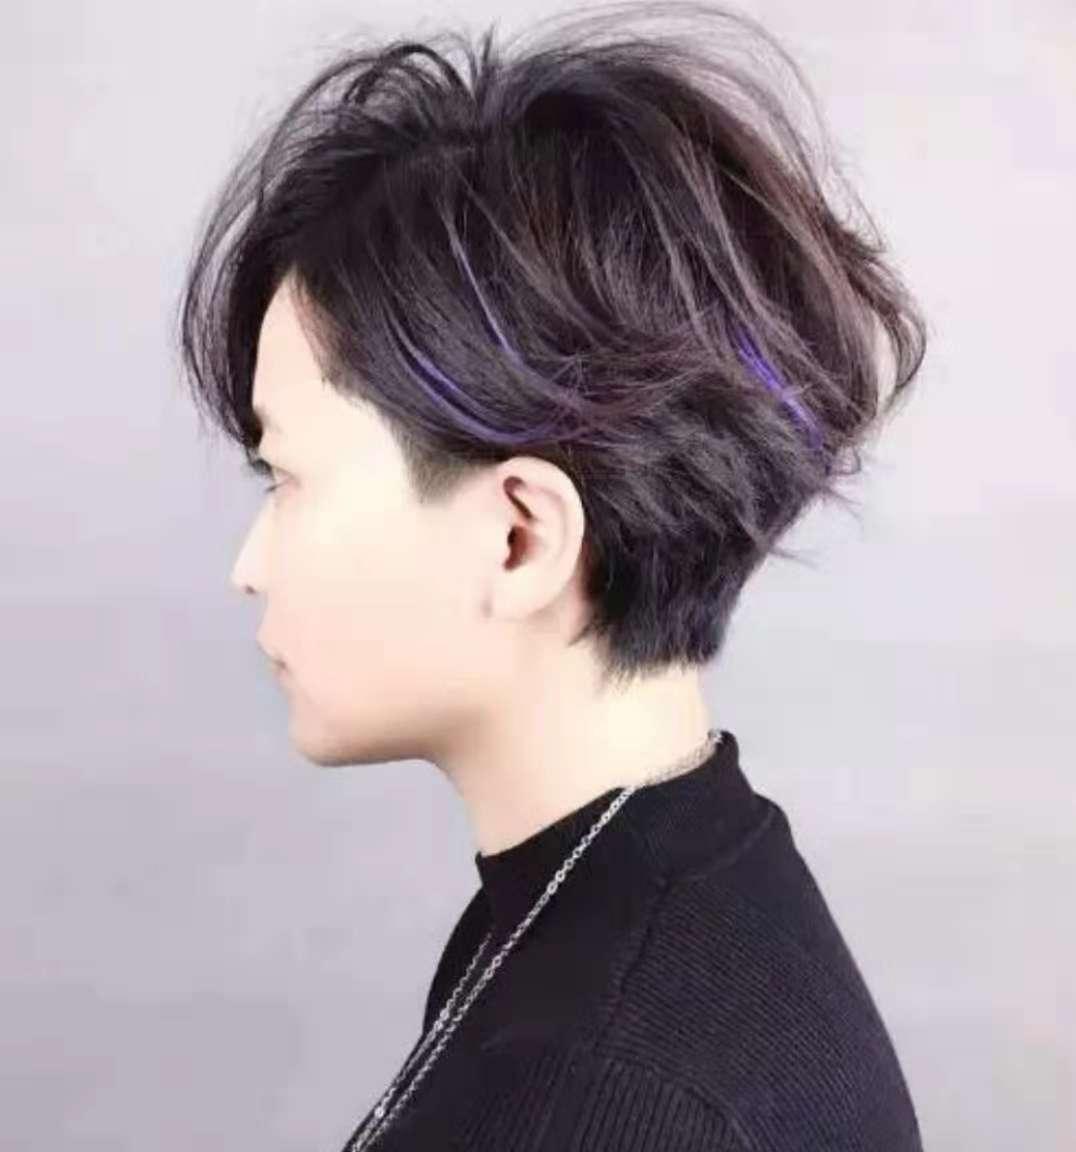 女士短发烫发_女式短发烫发图片 chunji.cn